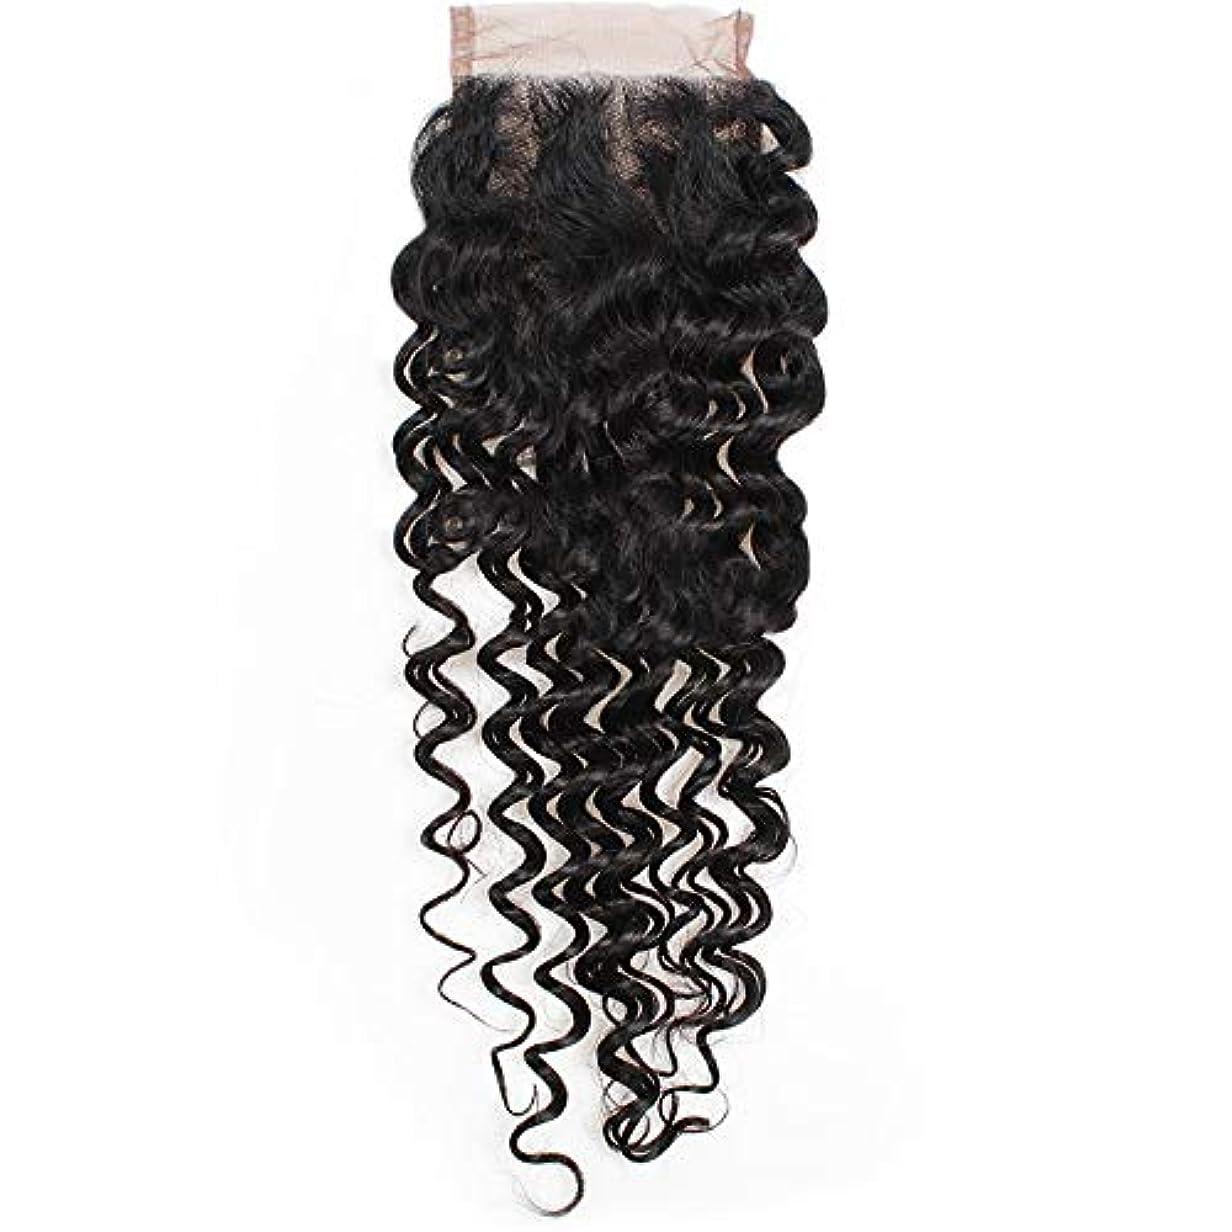 テスト銀抹消HOHYLLYA 4×4ストレート3パートレース閉鎖7aブラジルディープウェーブ人間の髪の毛のトップ閉鎖ロールプレイングかつら女性のかつら (色 : 黒, サイズ : 14 inch)